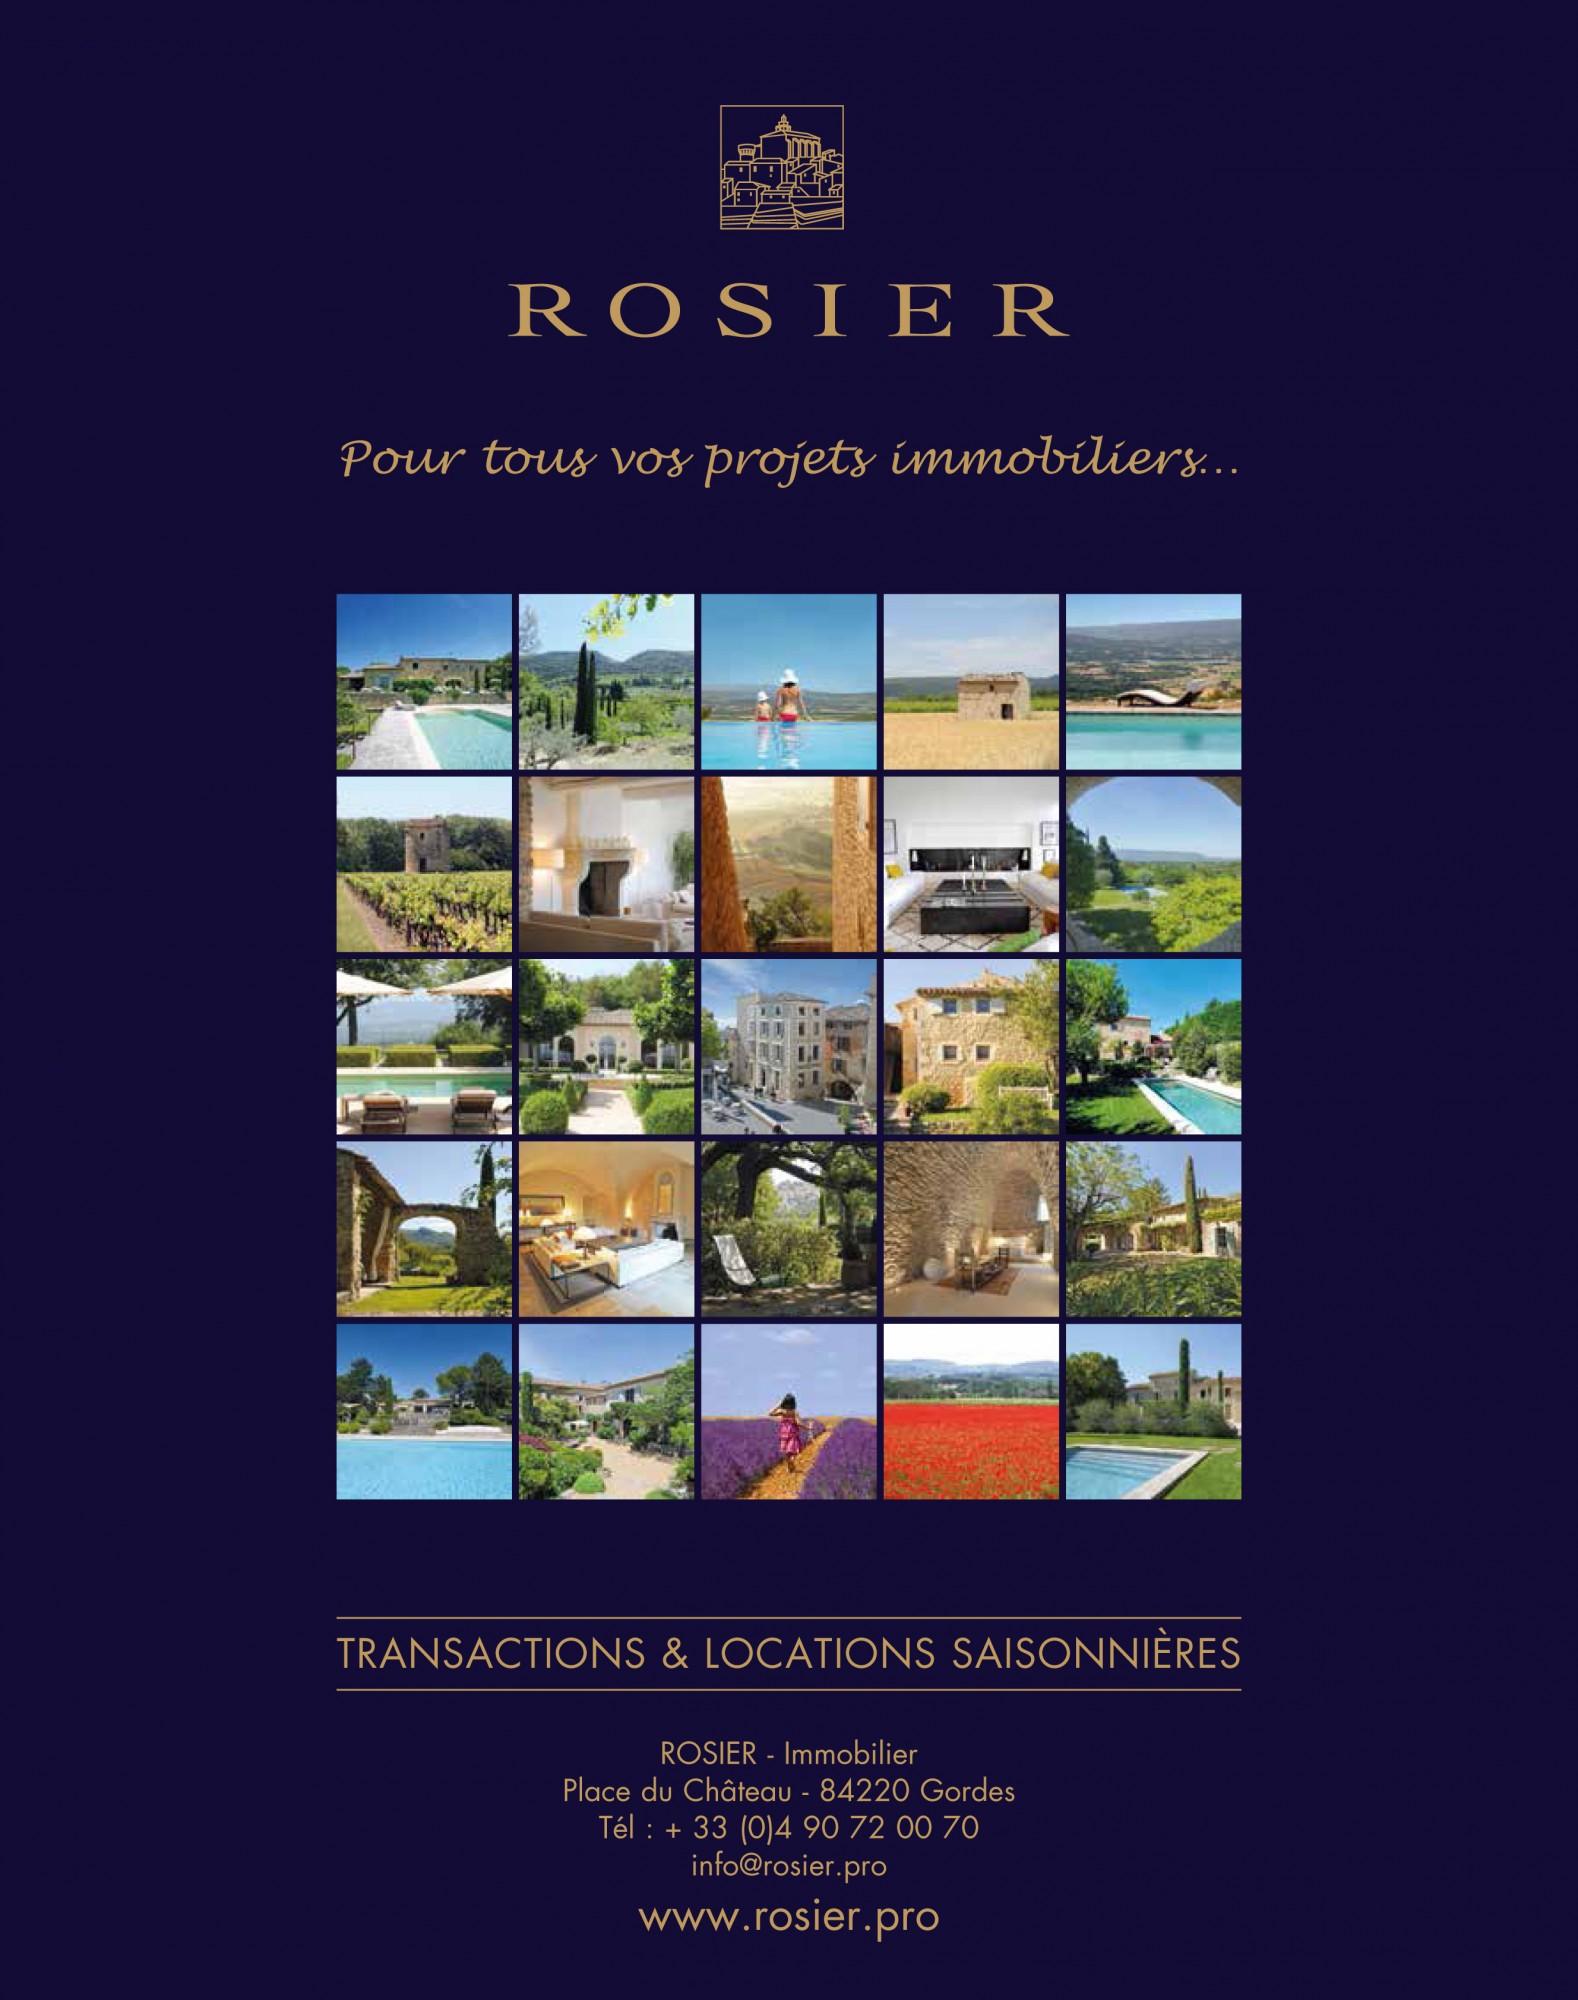 Presse de luxe cote sud un vrai lifestyle agence rosier for Agences immobilieres de prestige